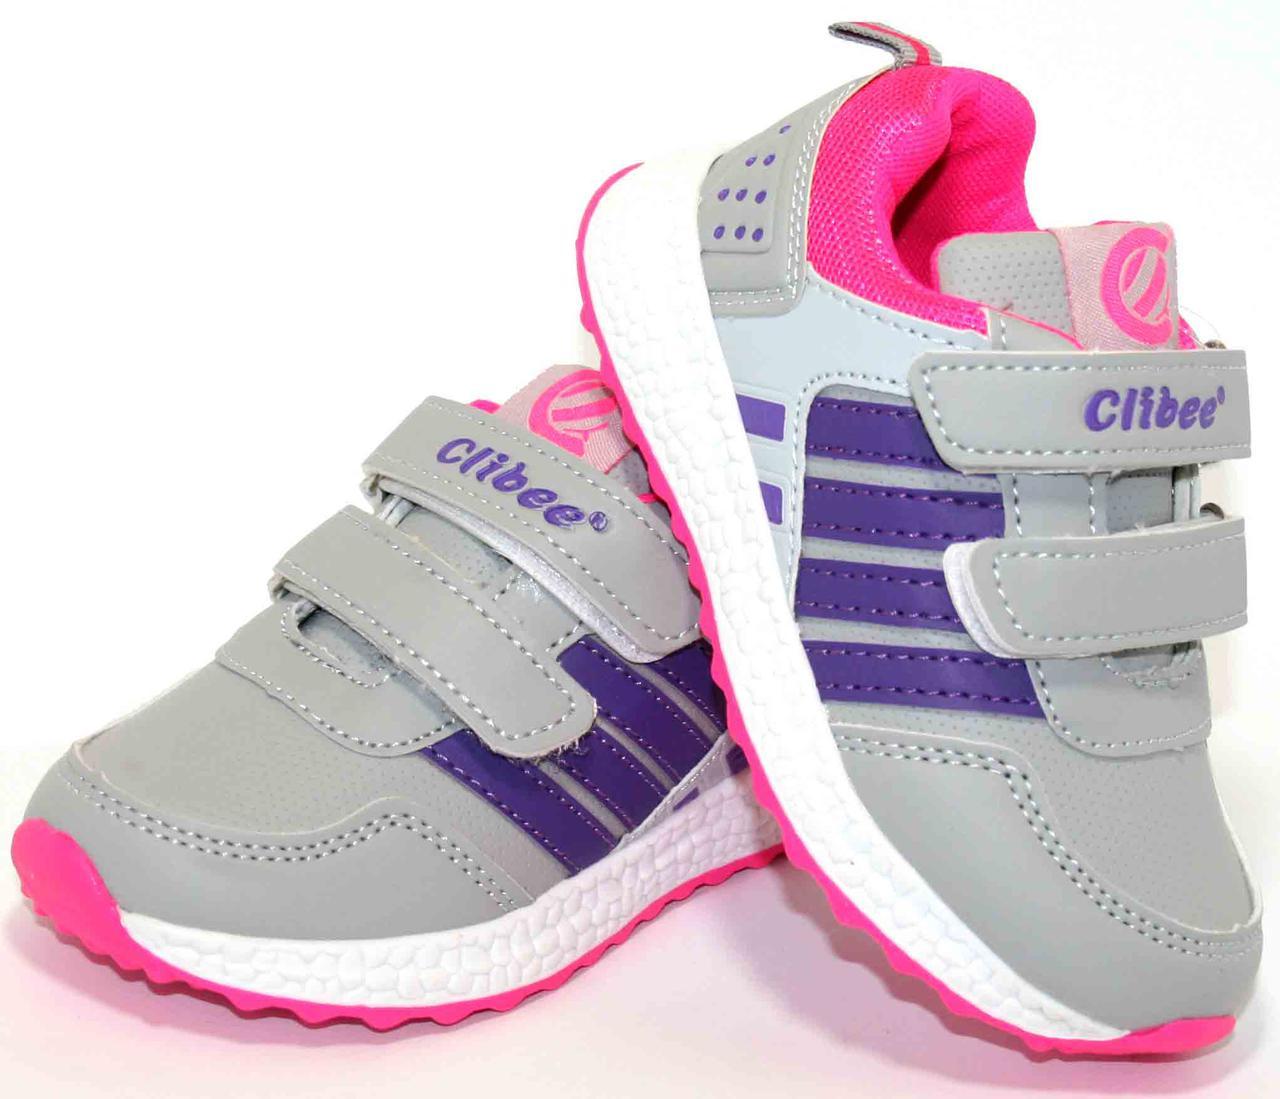 Дитячі кросівки для дівчинки Clibee Польща розміри 26-31